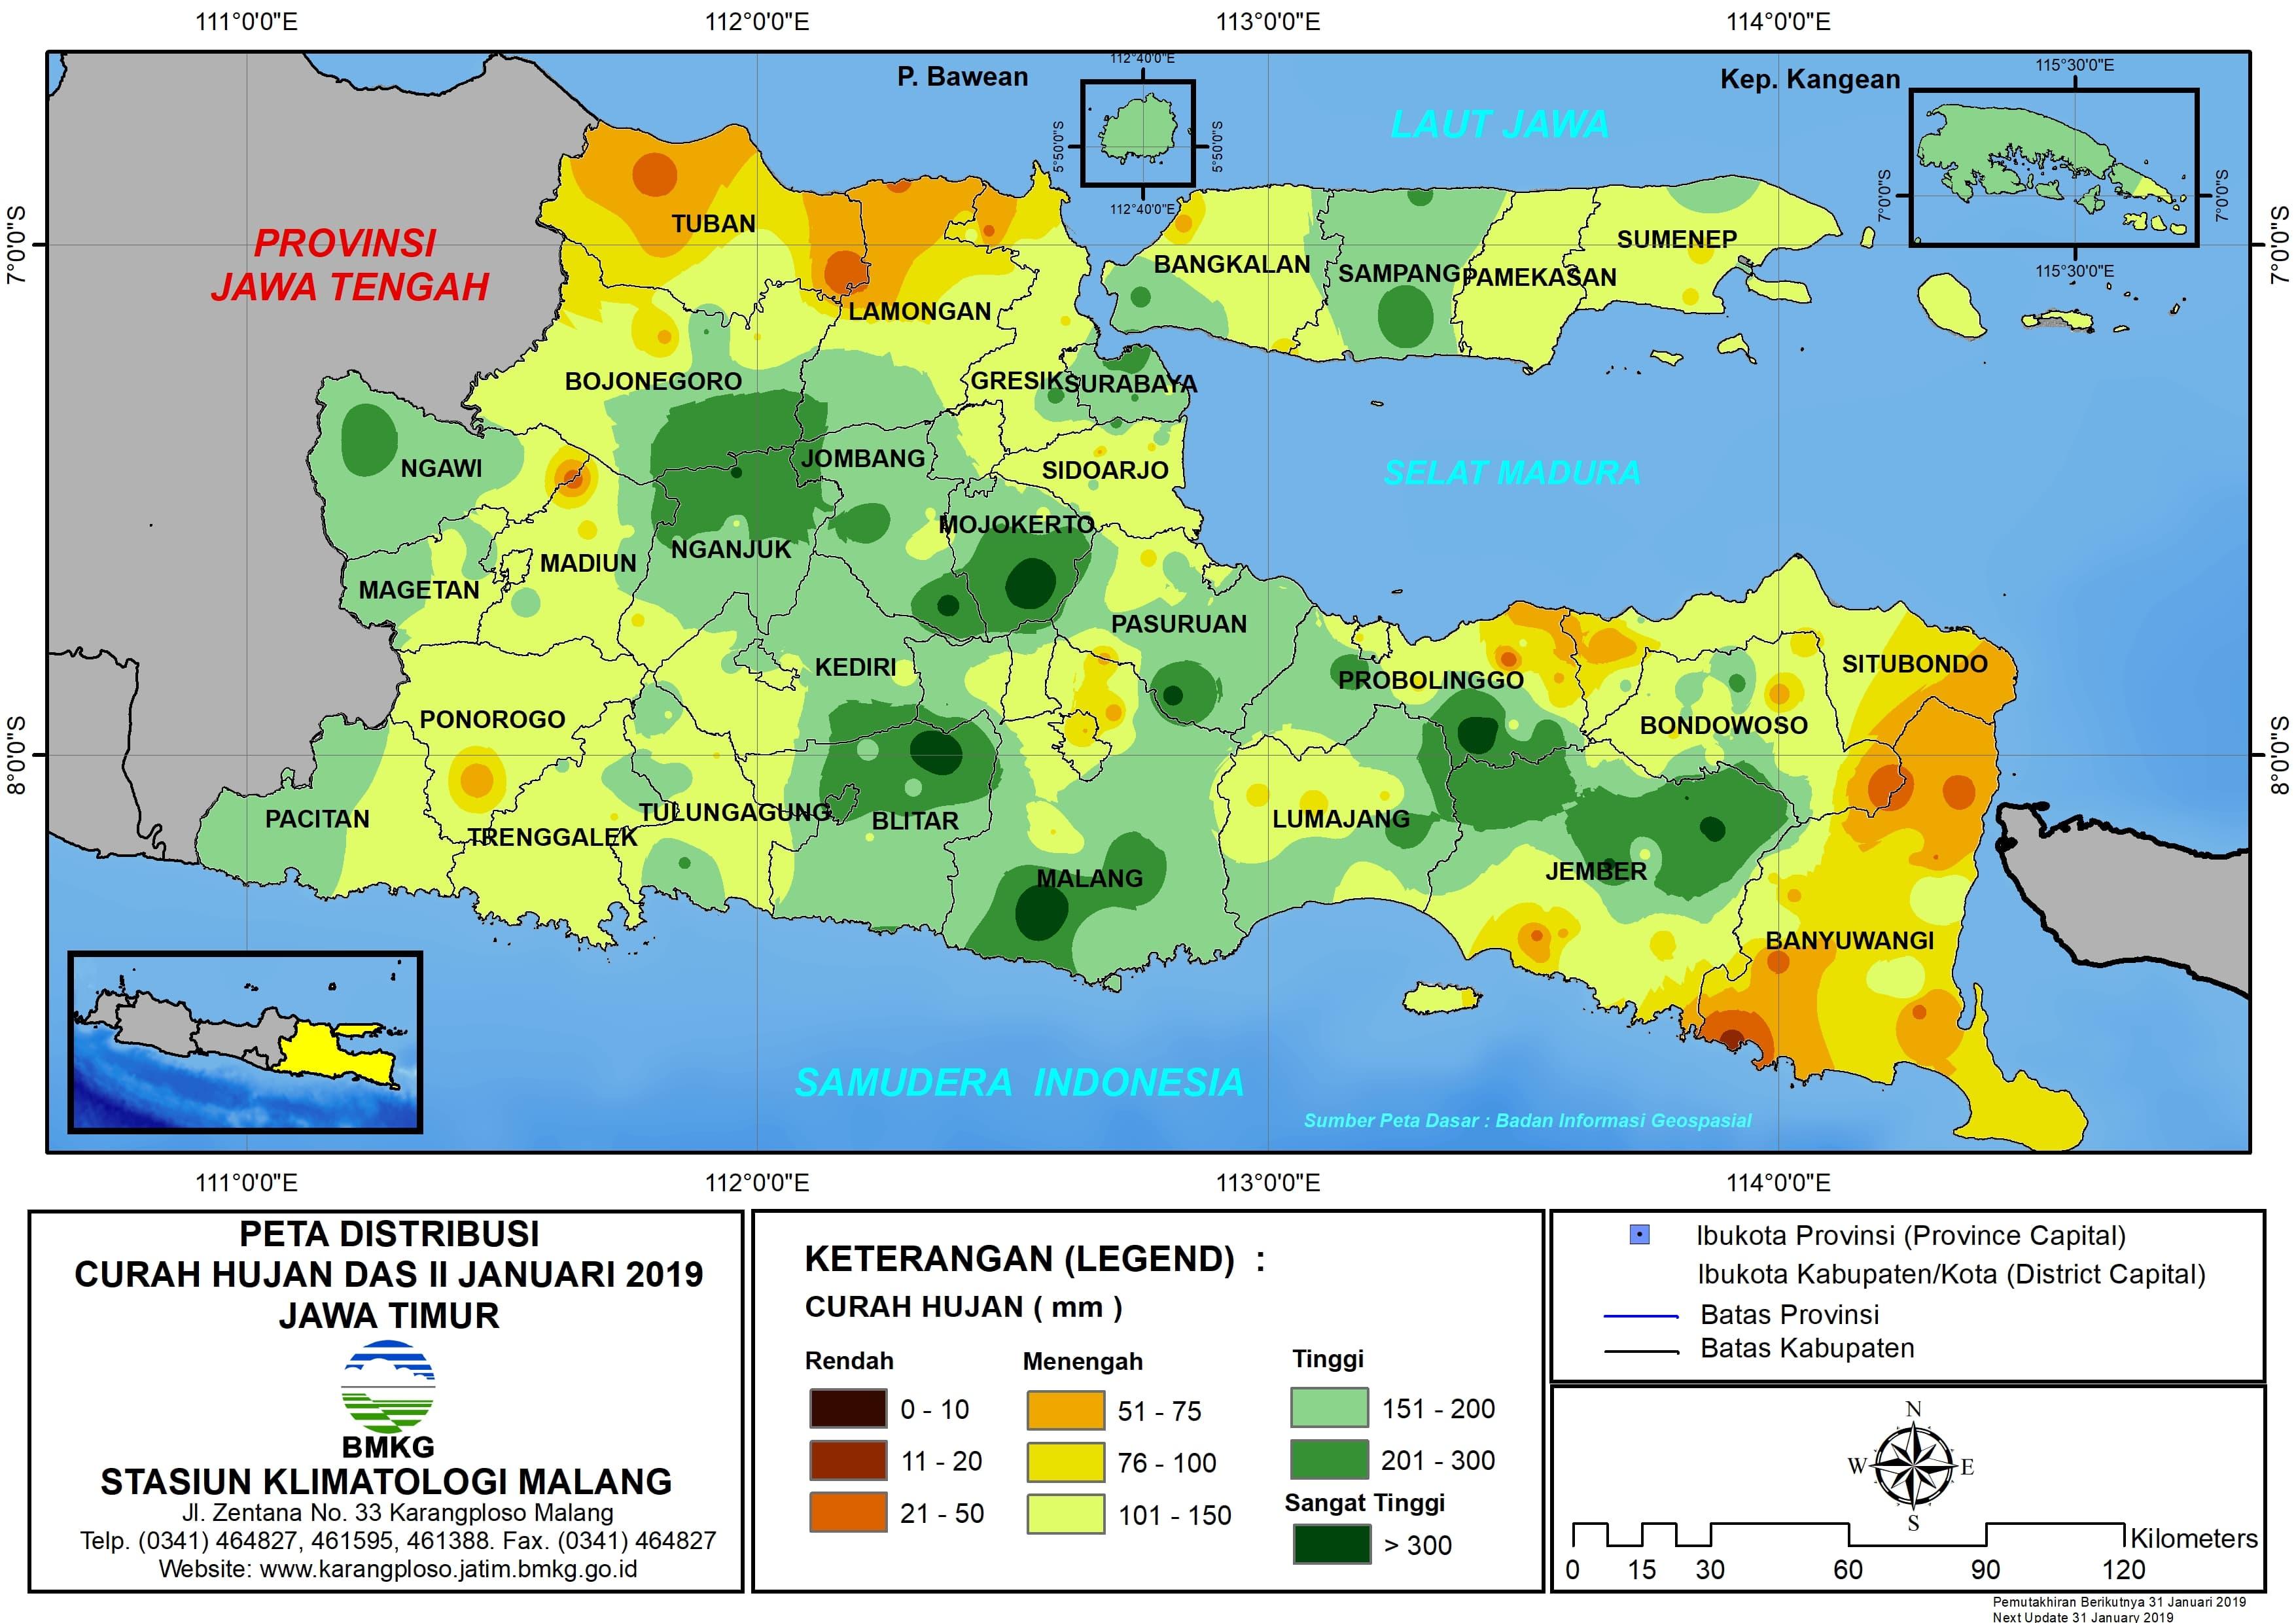 Peta Analisis Distribusi Curah Hujan Dasarian II Januari 2019 di Provinsi Jawa Timur